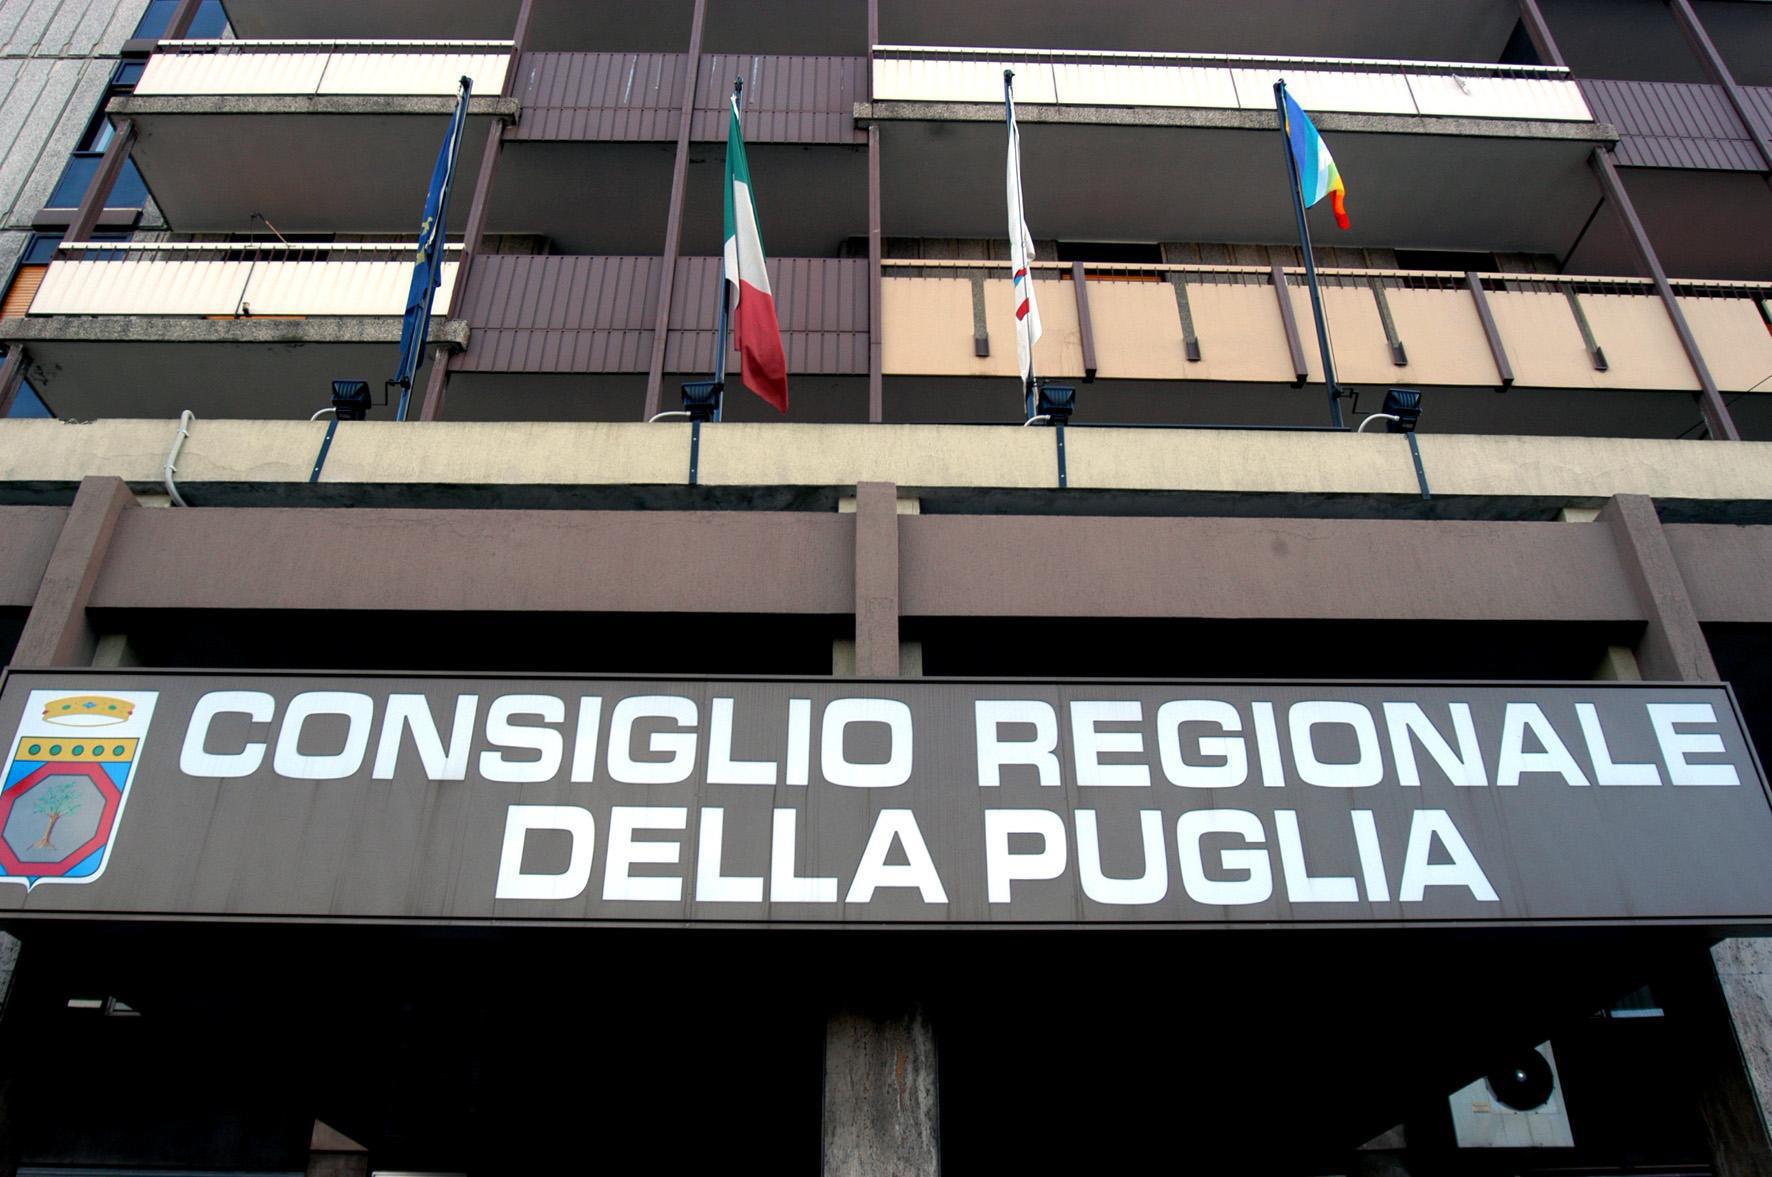 Eliminato l'ambulatorio integrato specifico per la diagnosi e la cura della celiachia nell'ASL di Lecce